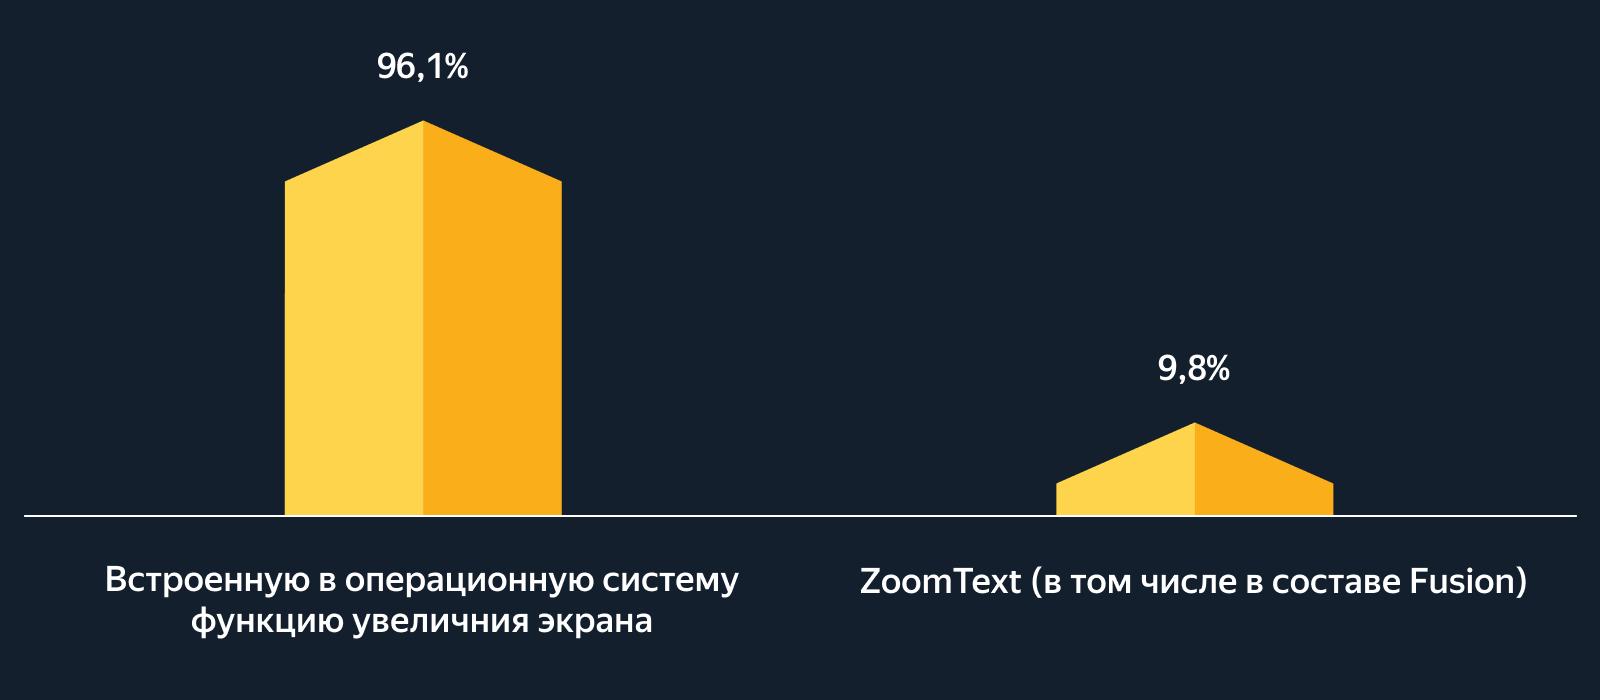 Столбчатая диаграмма по данным таблицы 14